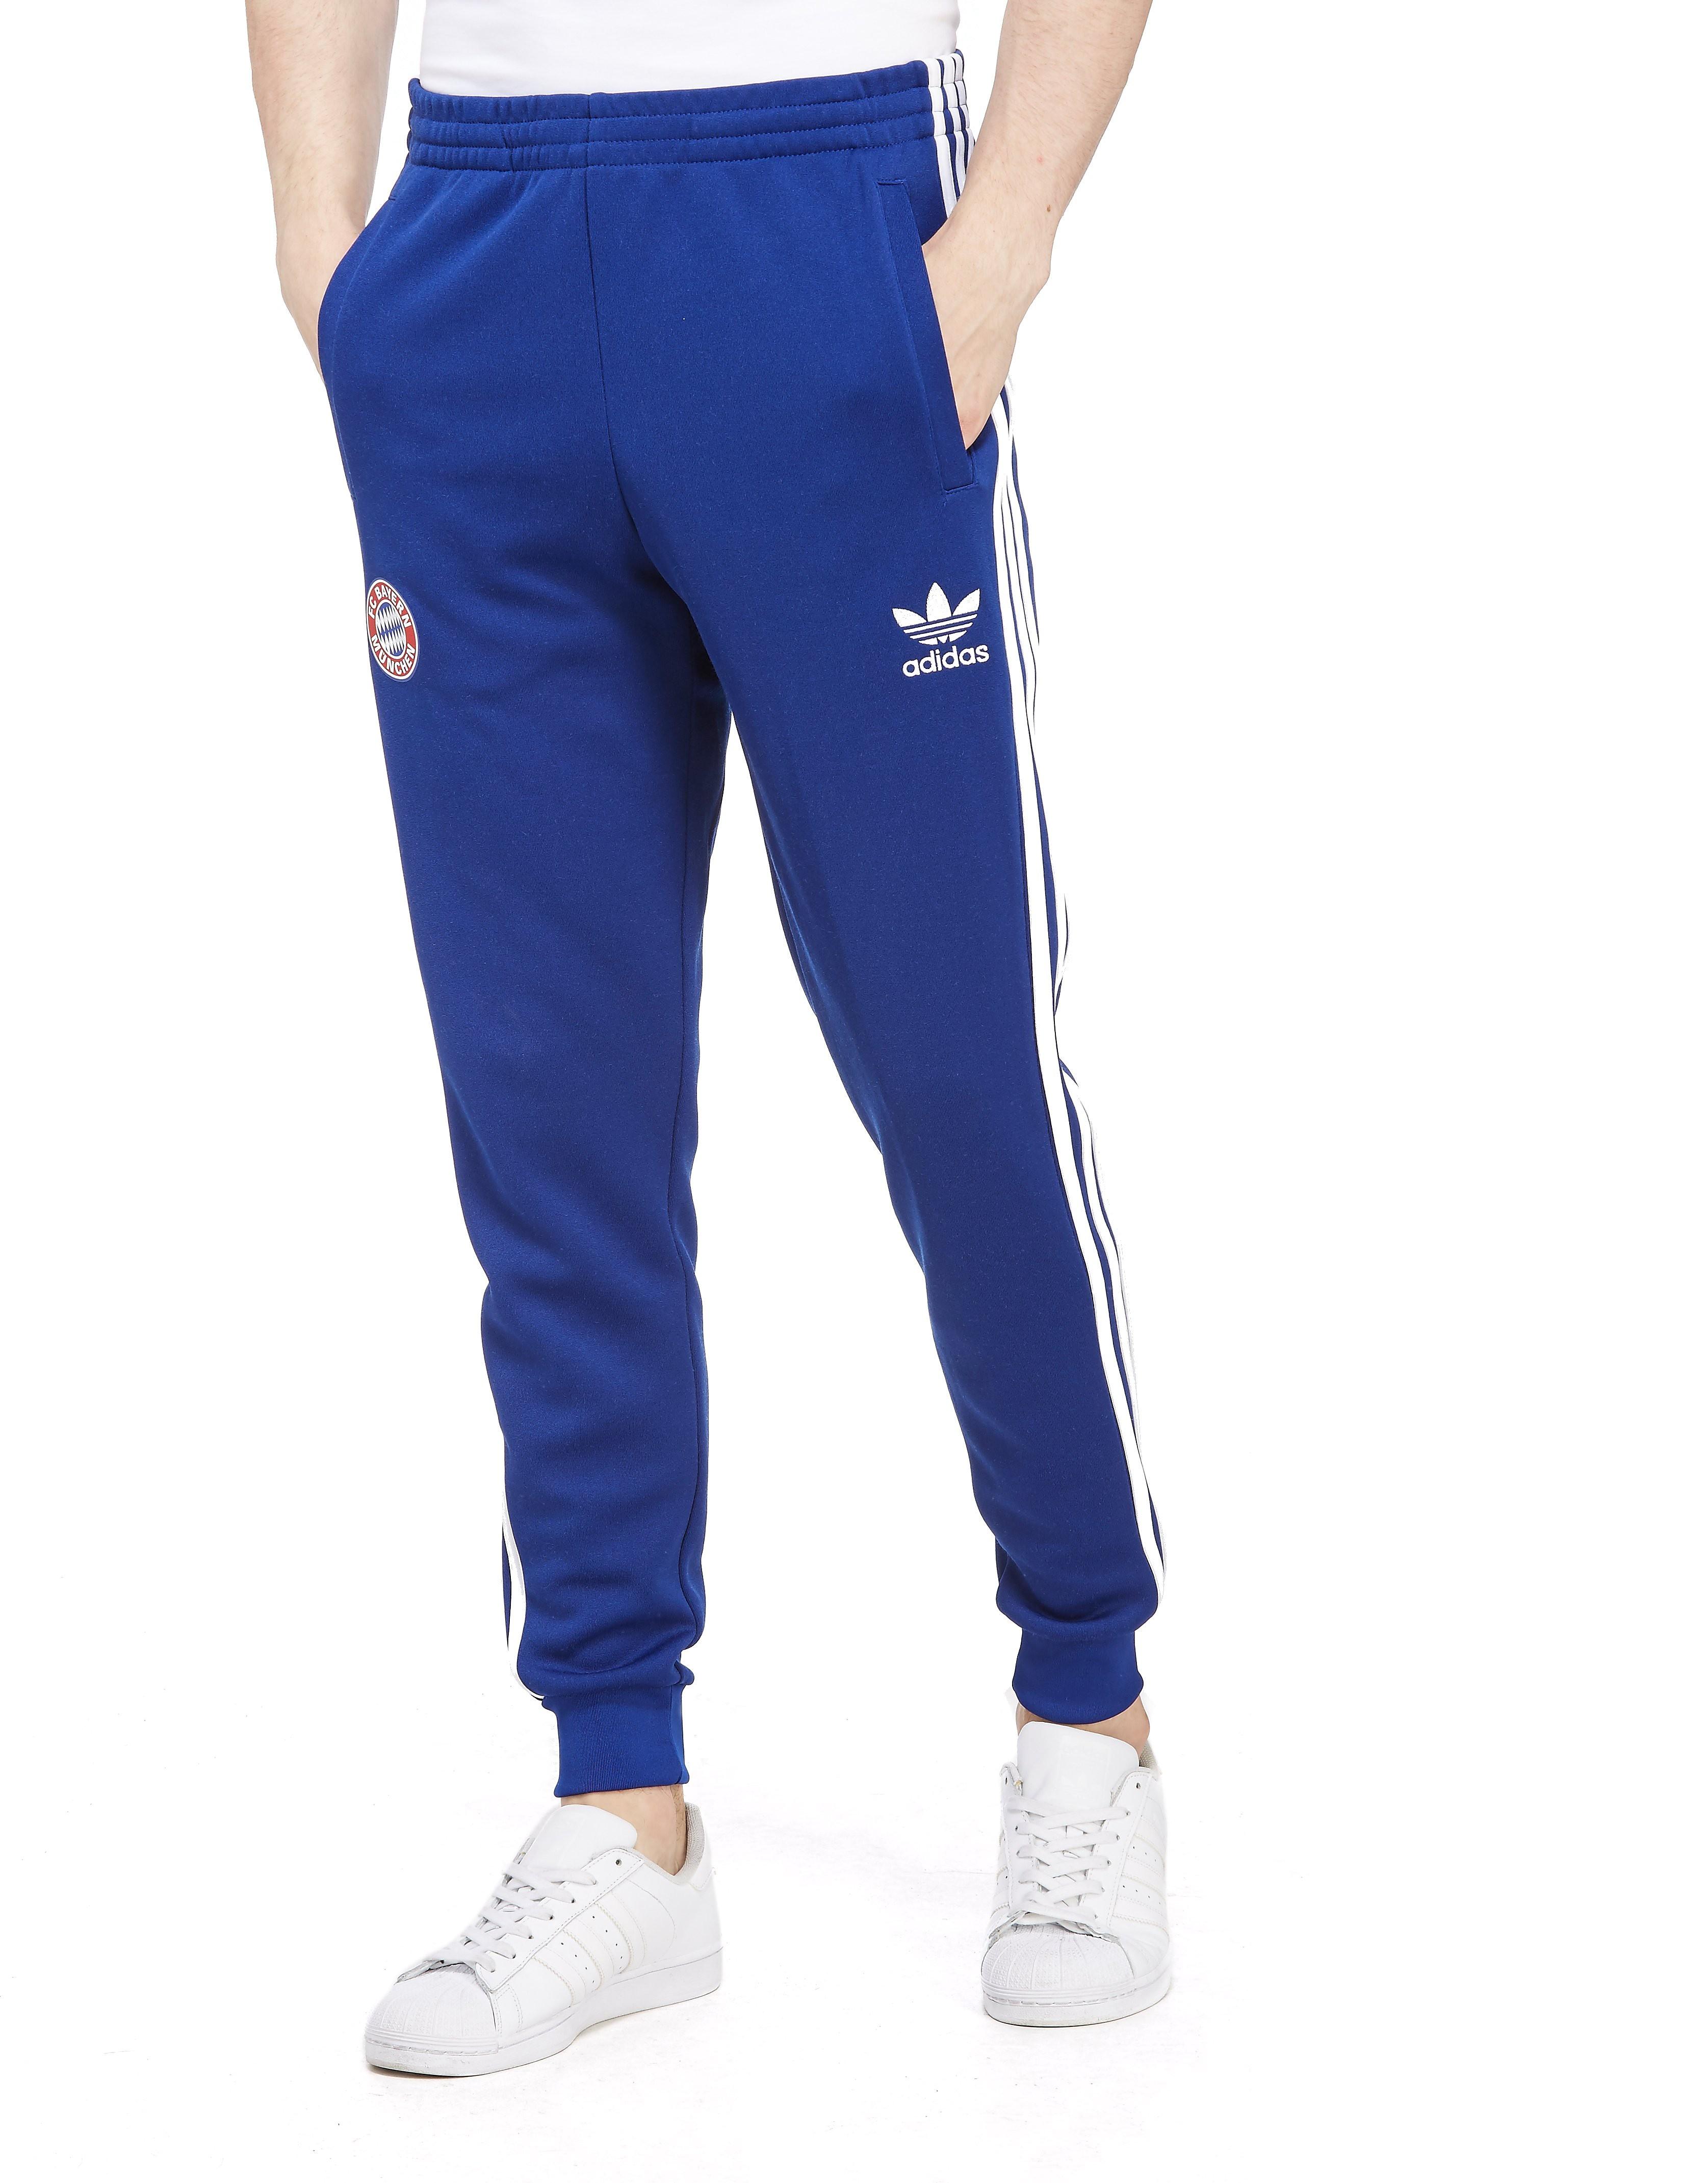 adidas Originals FC Bayern Munich Track Pants